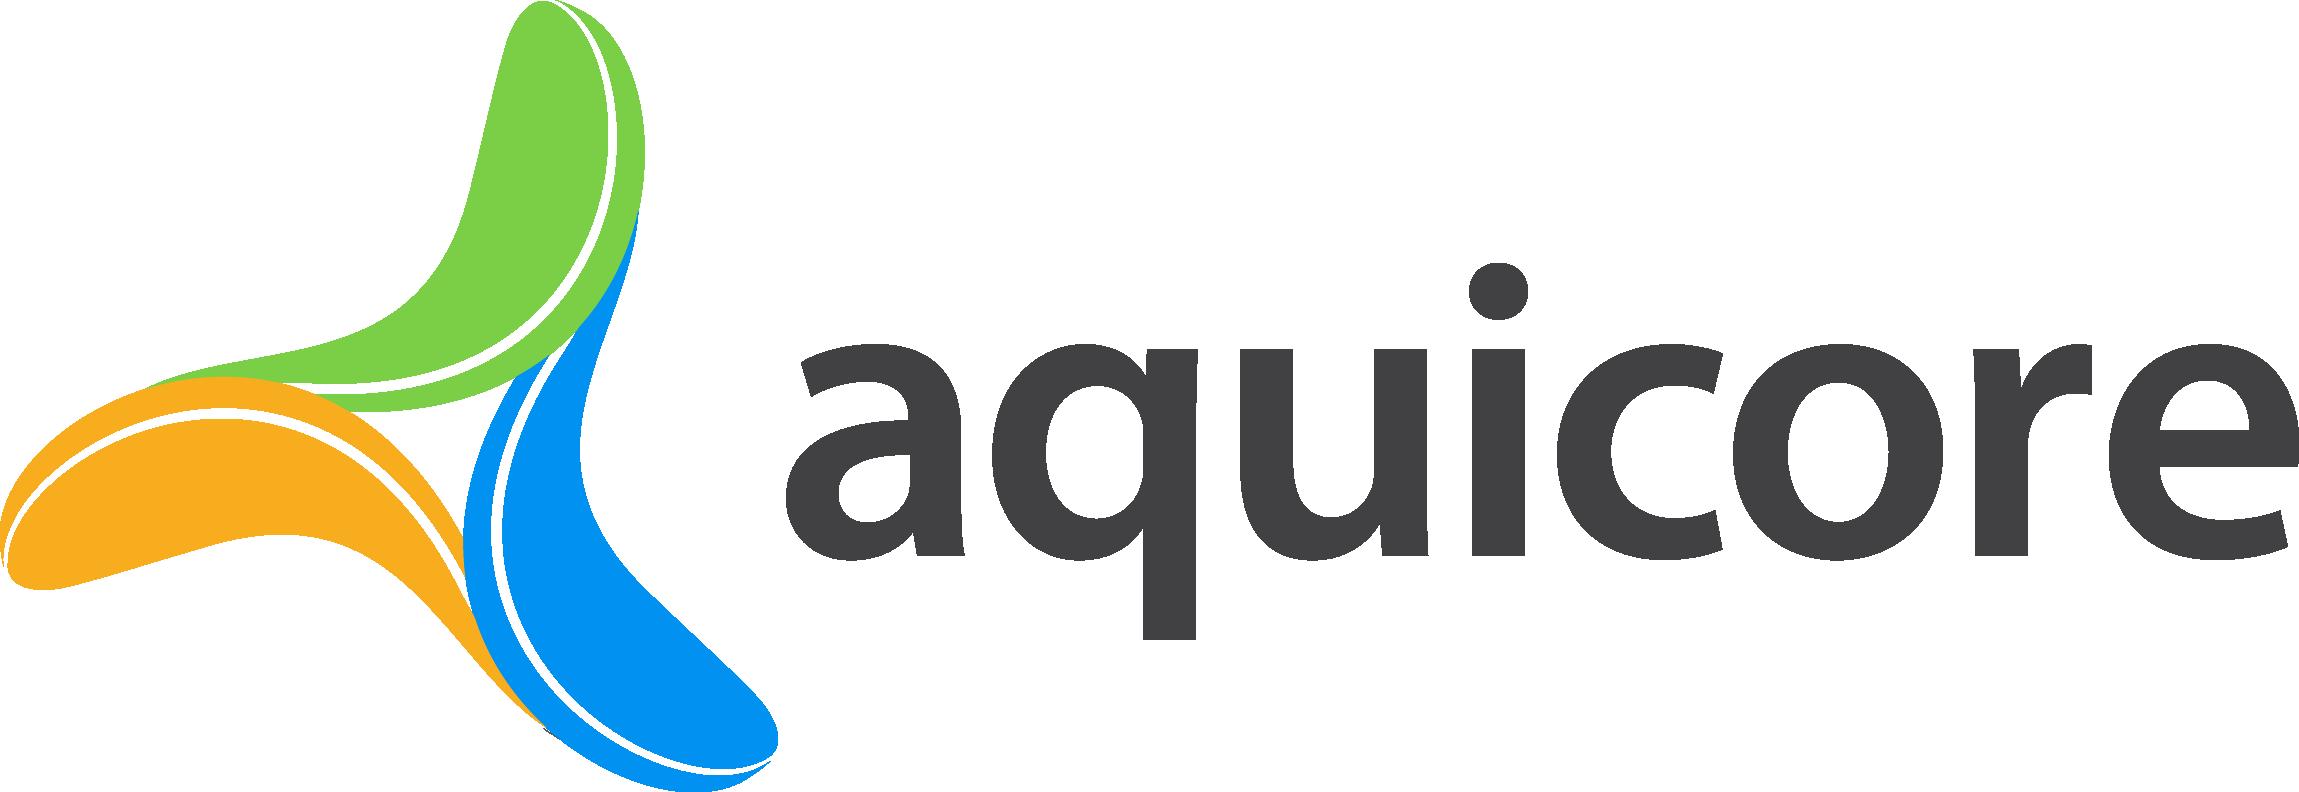 Aquicore-Solid-Color-logo.png